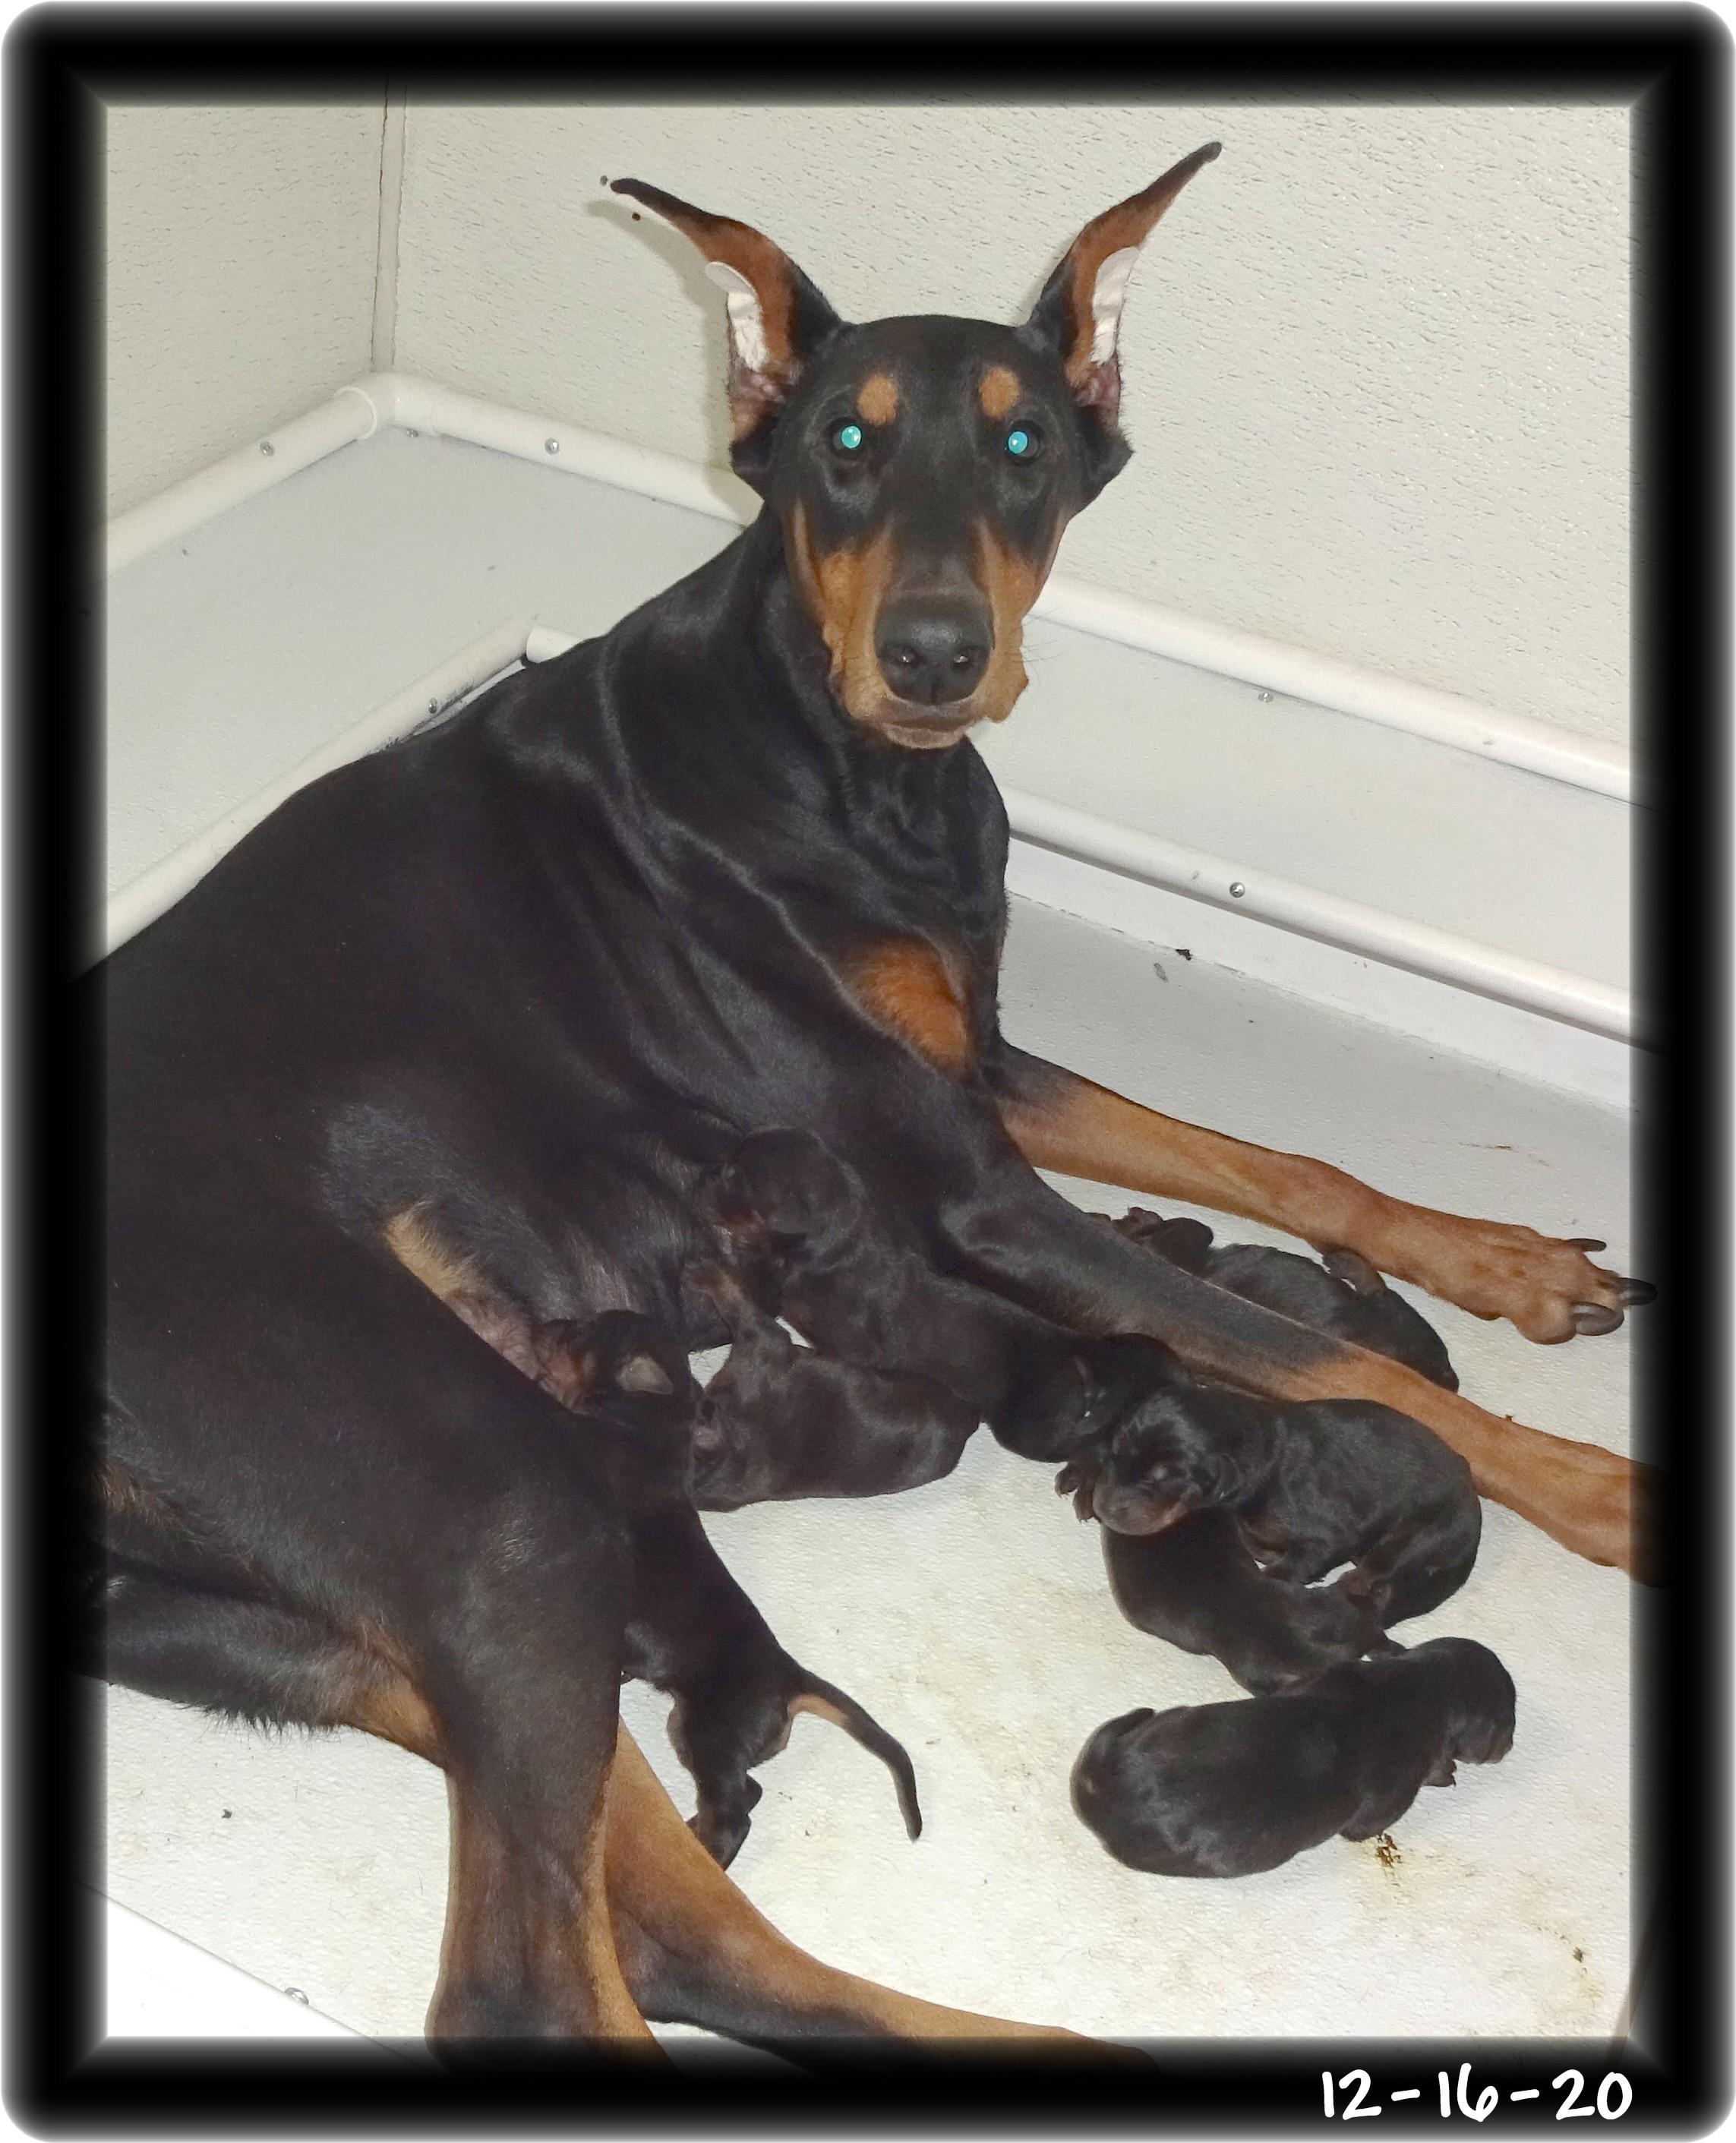 tiki-first-baby-photos-12-16-20-001.jpg